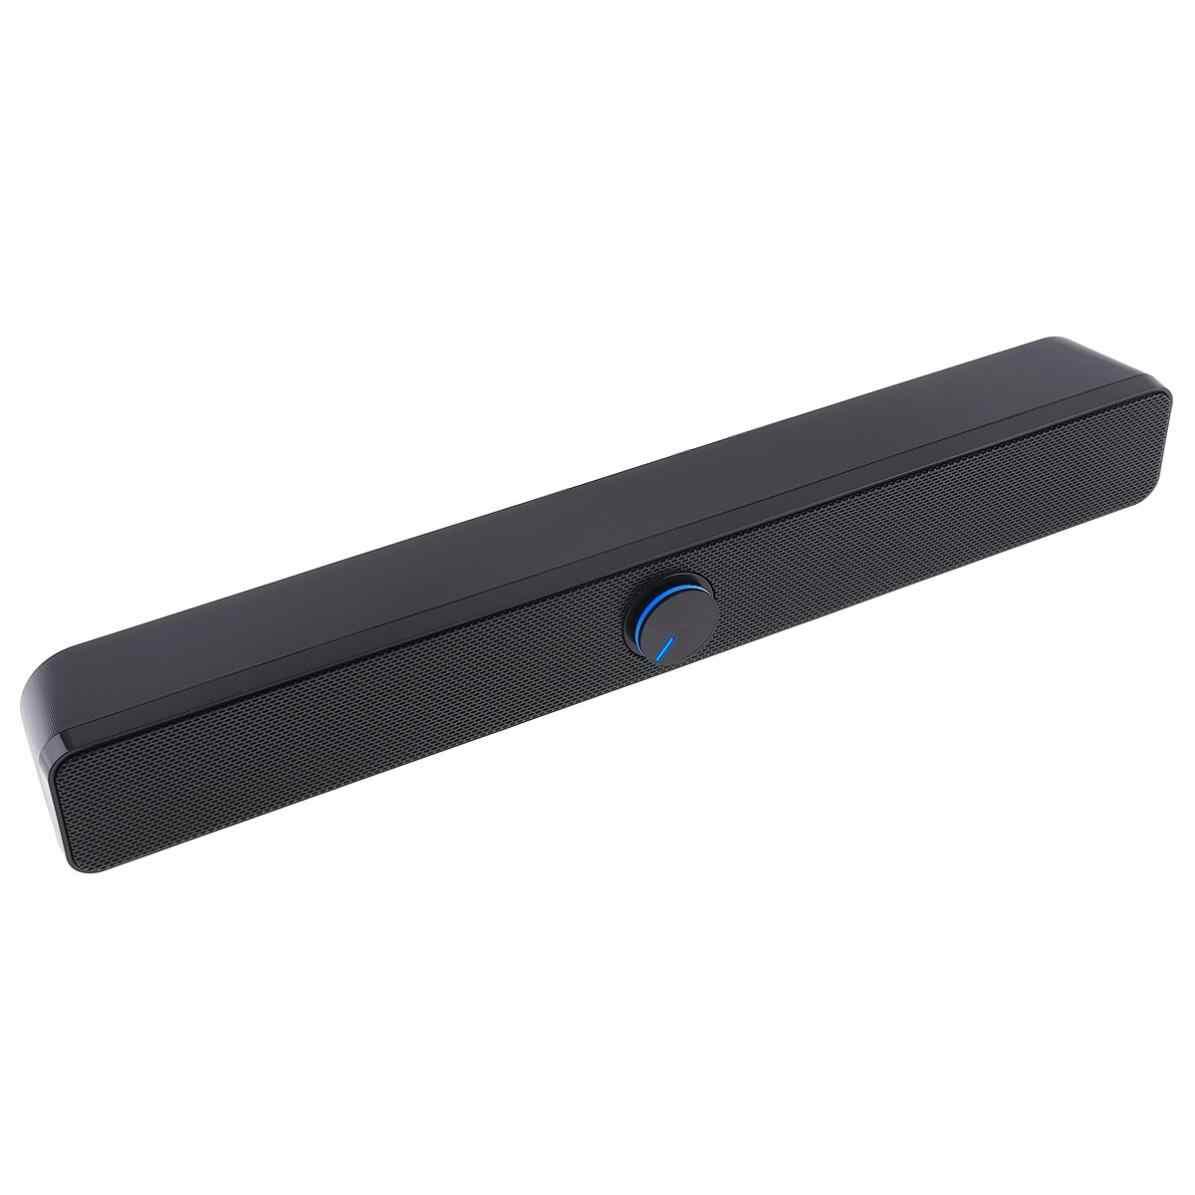 Распродажа сада V-193 рабочего полосы Soundbar, сабвуфер динамик с 3,5 мм стерео джек и USB Powered для ПК/ноутбук/мобильный телефон